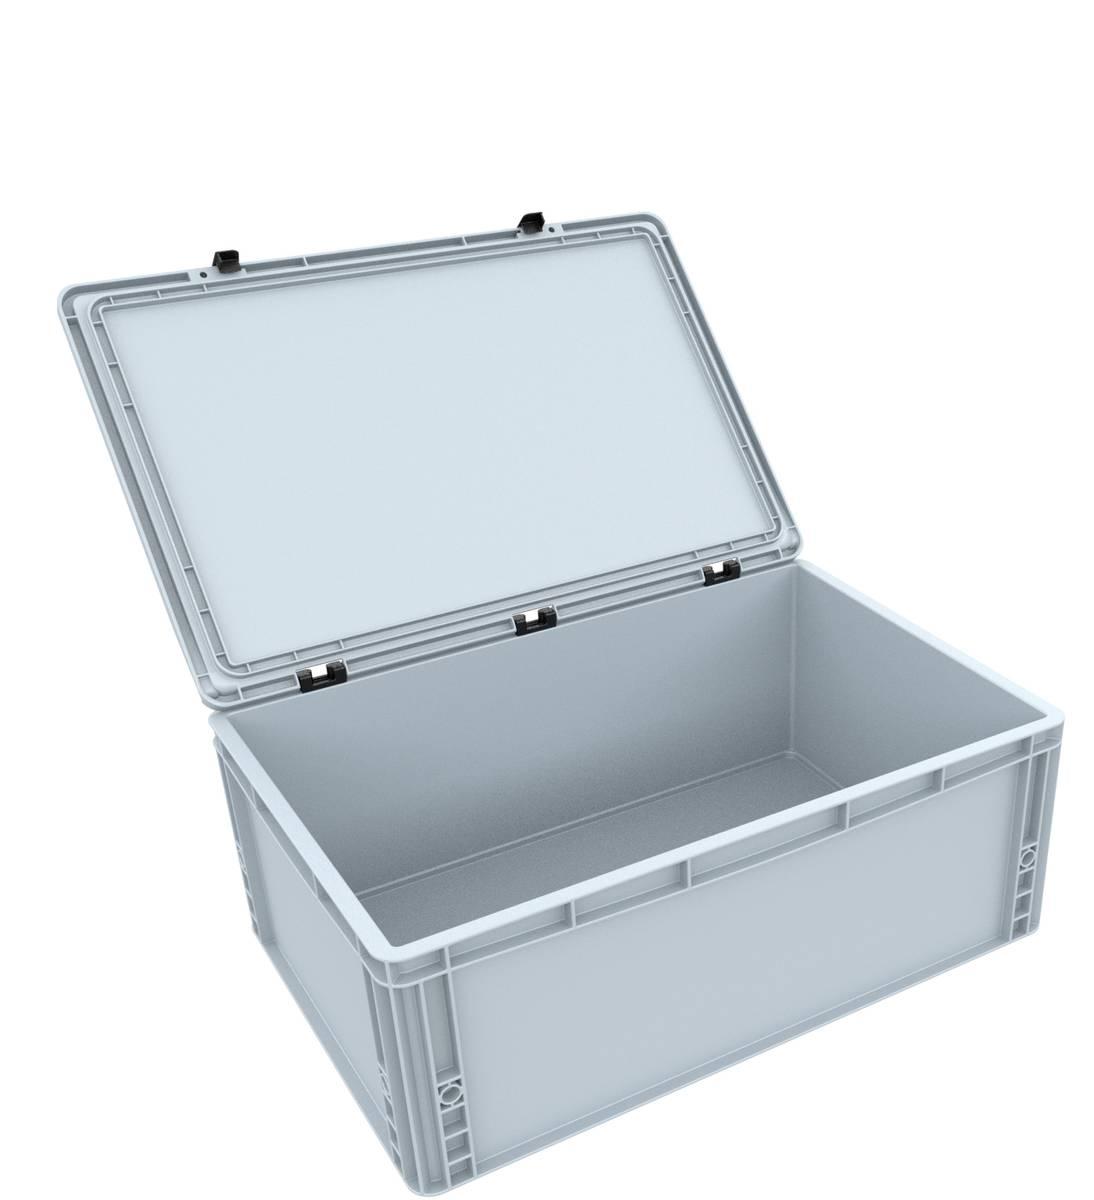 DSEB215 Eurobehälter / Euro Box mit Scharnierdeckel ED 64/22 HG